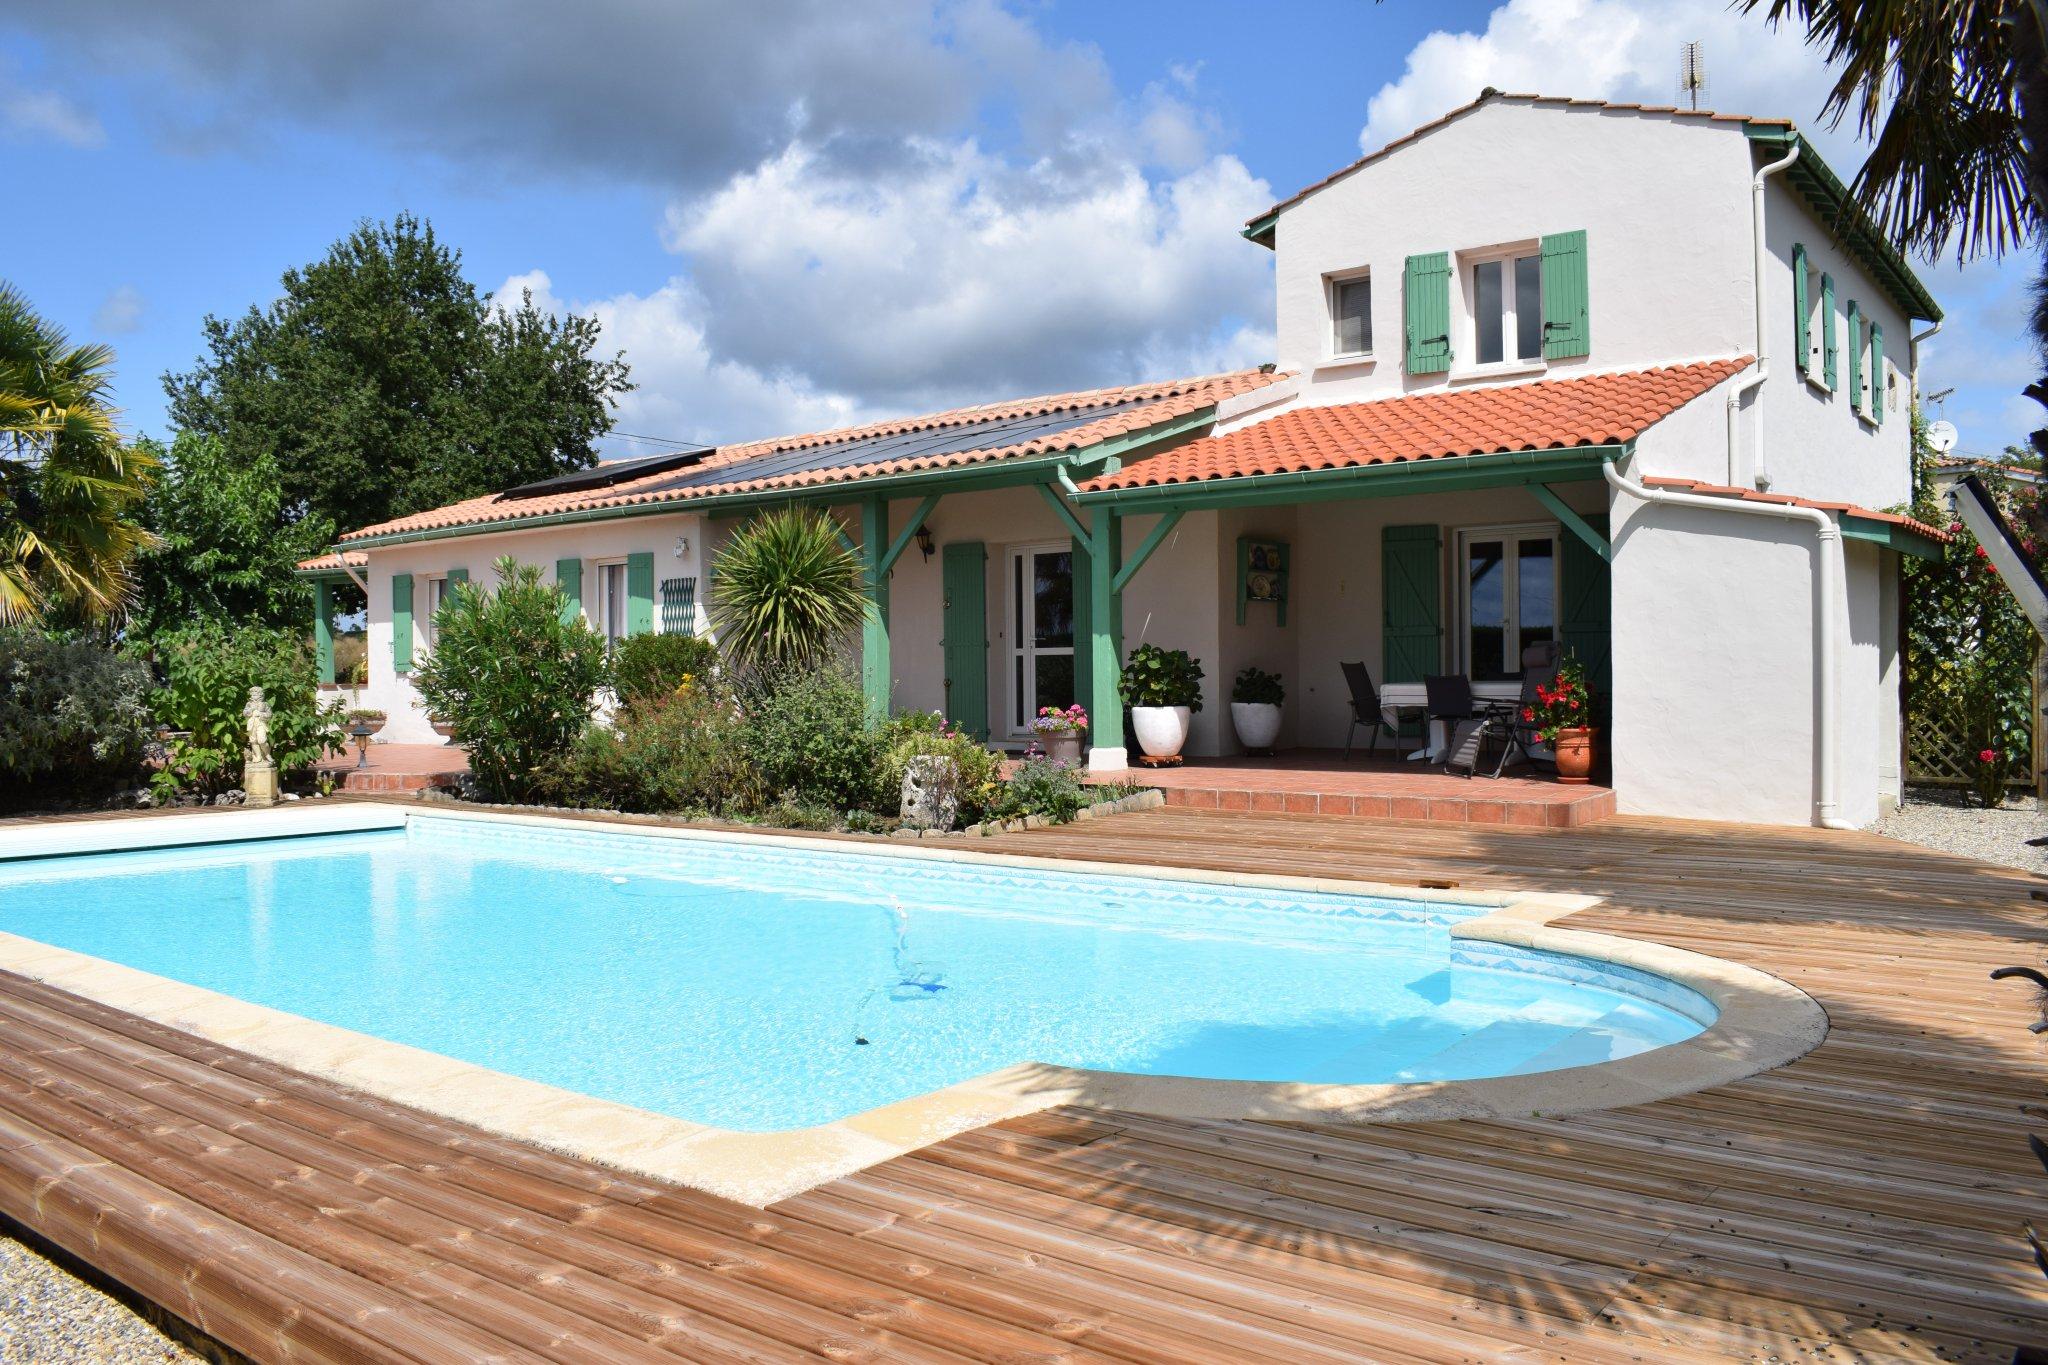 Achat Maison - Lavardac 47230 - Ds374 - 1500 M2 destiné Piscine Blanquefort